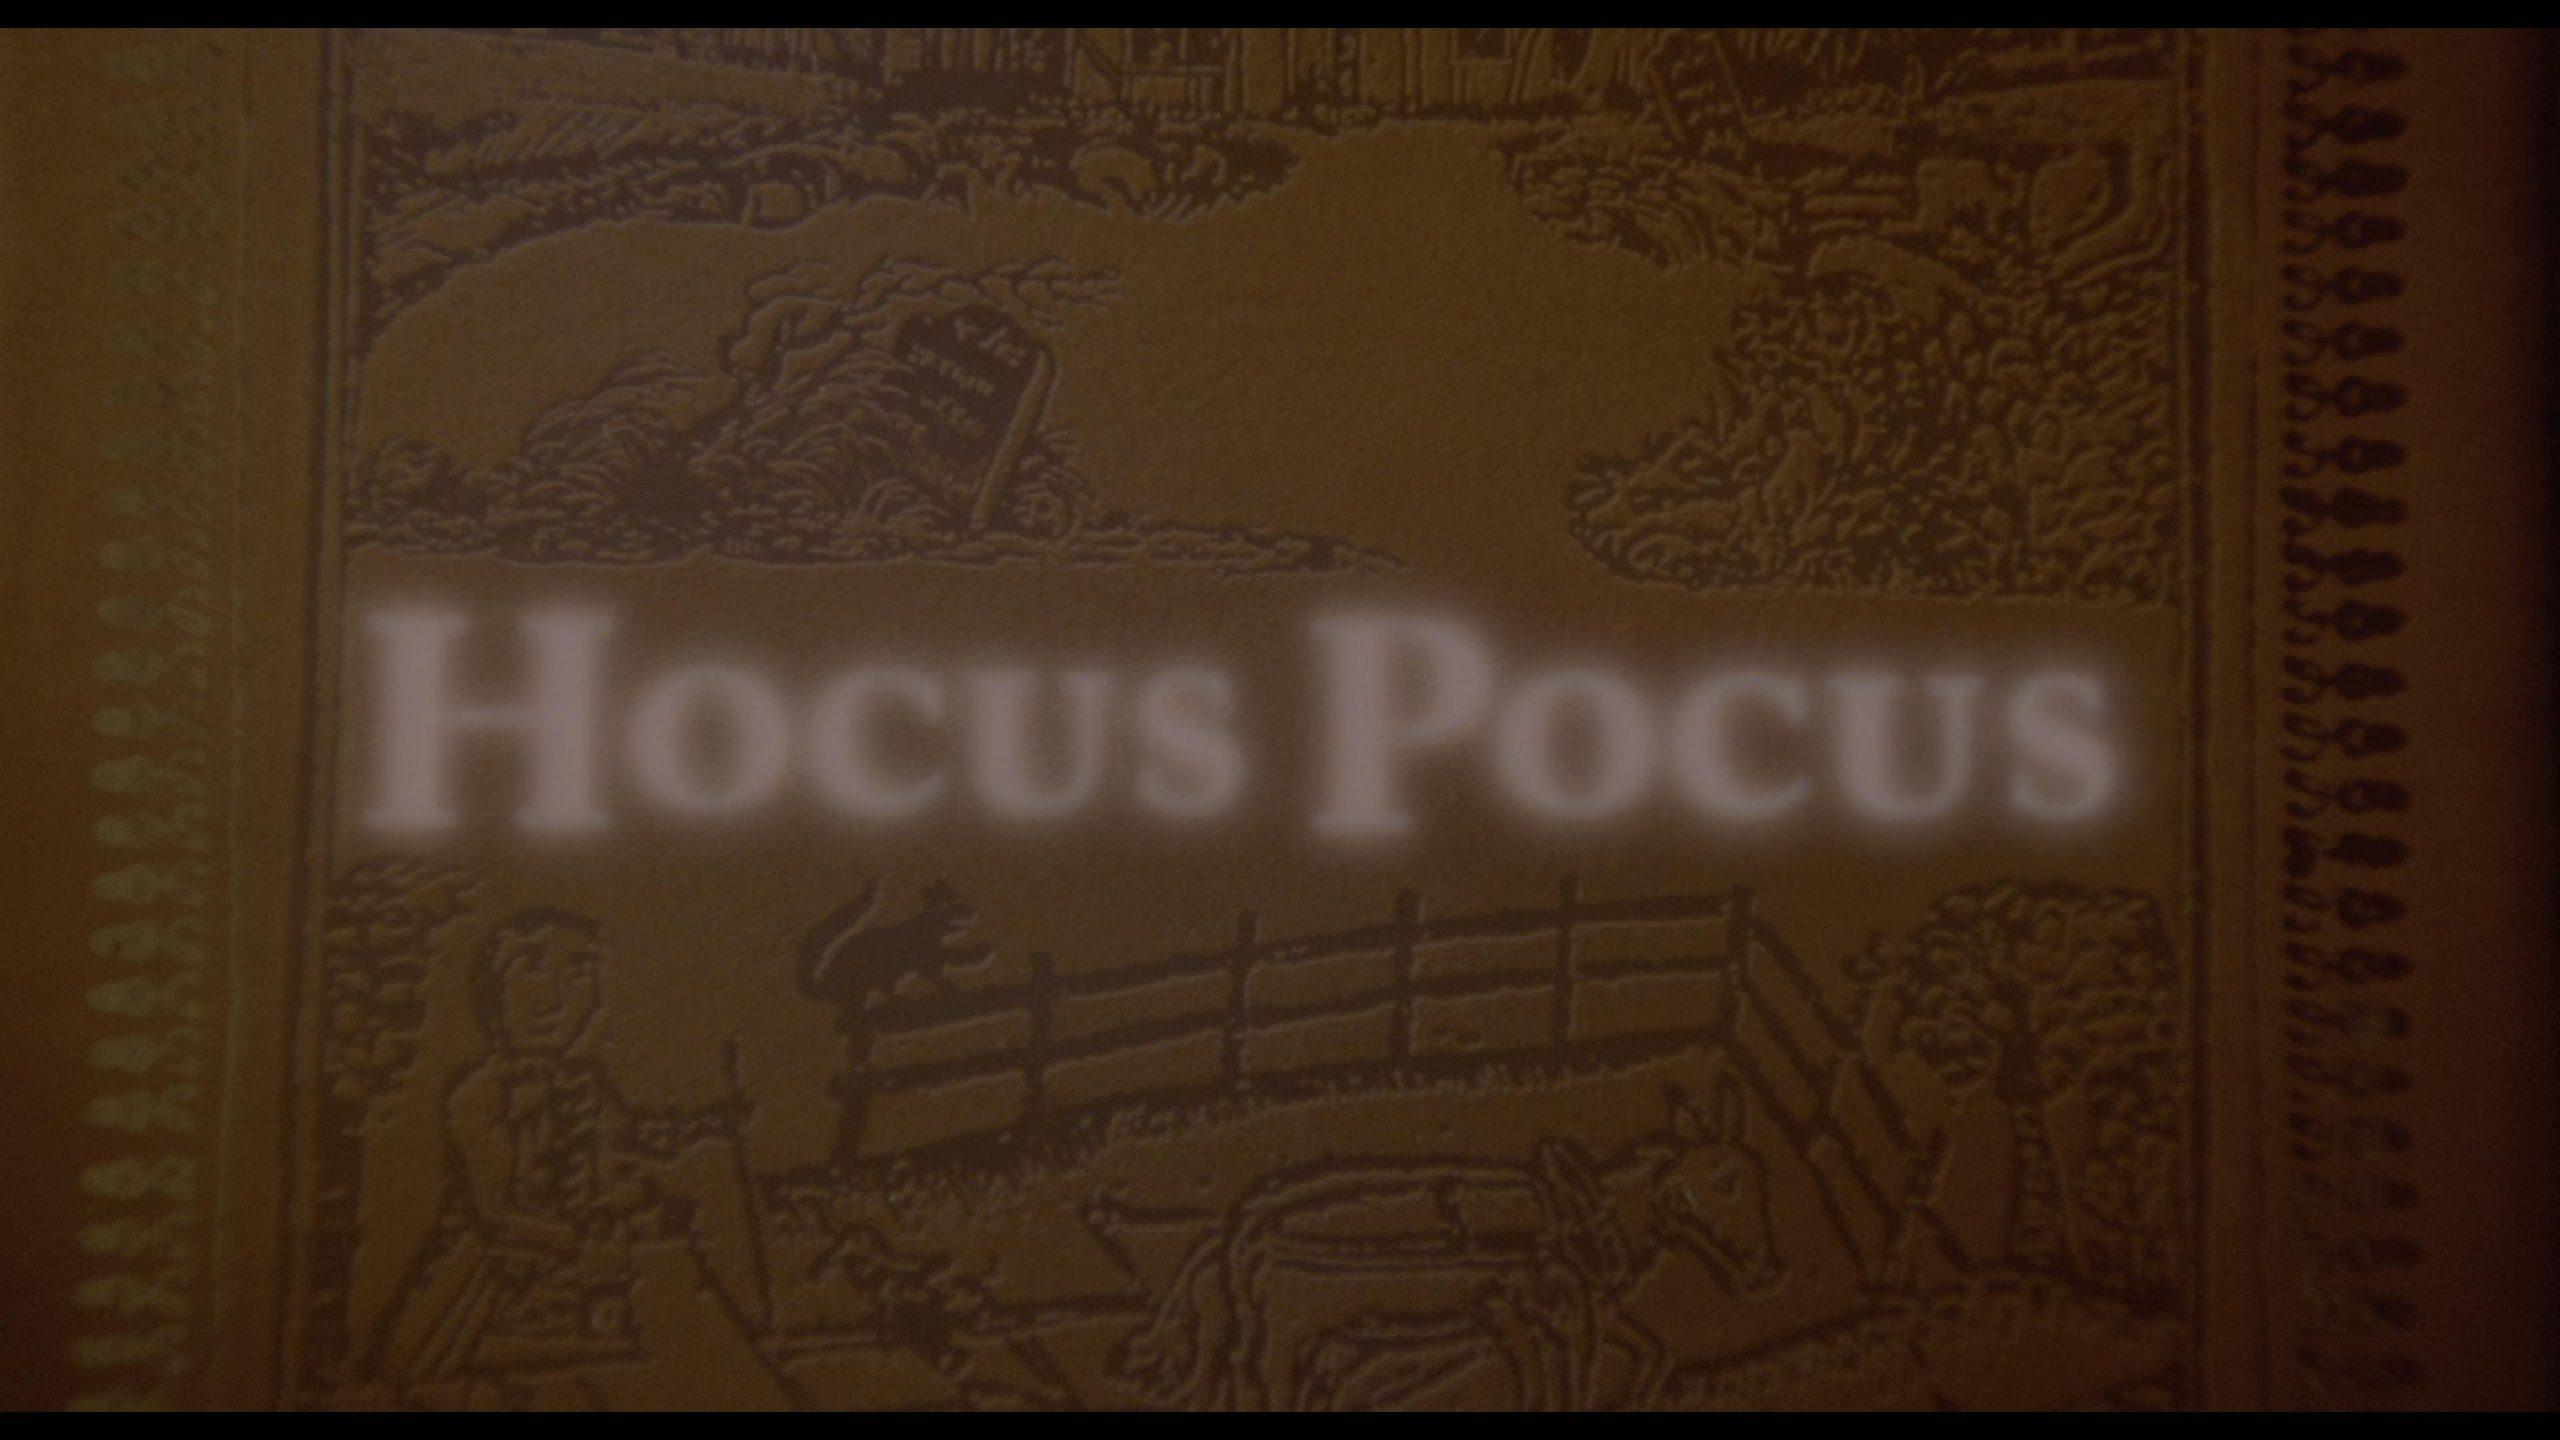 Hocus Pocus (1993) [4K]